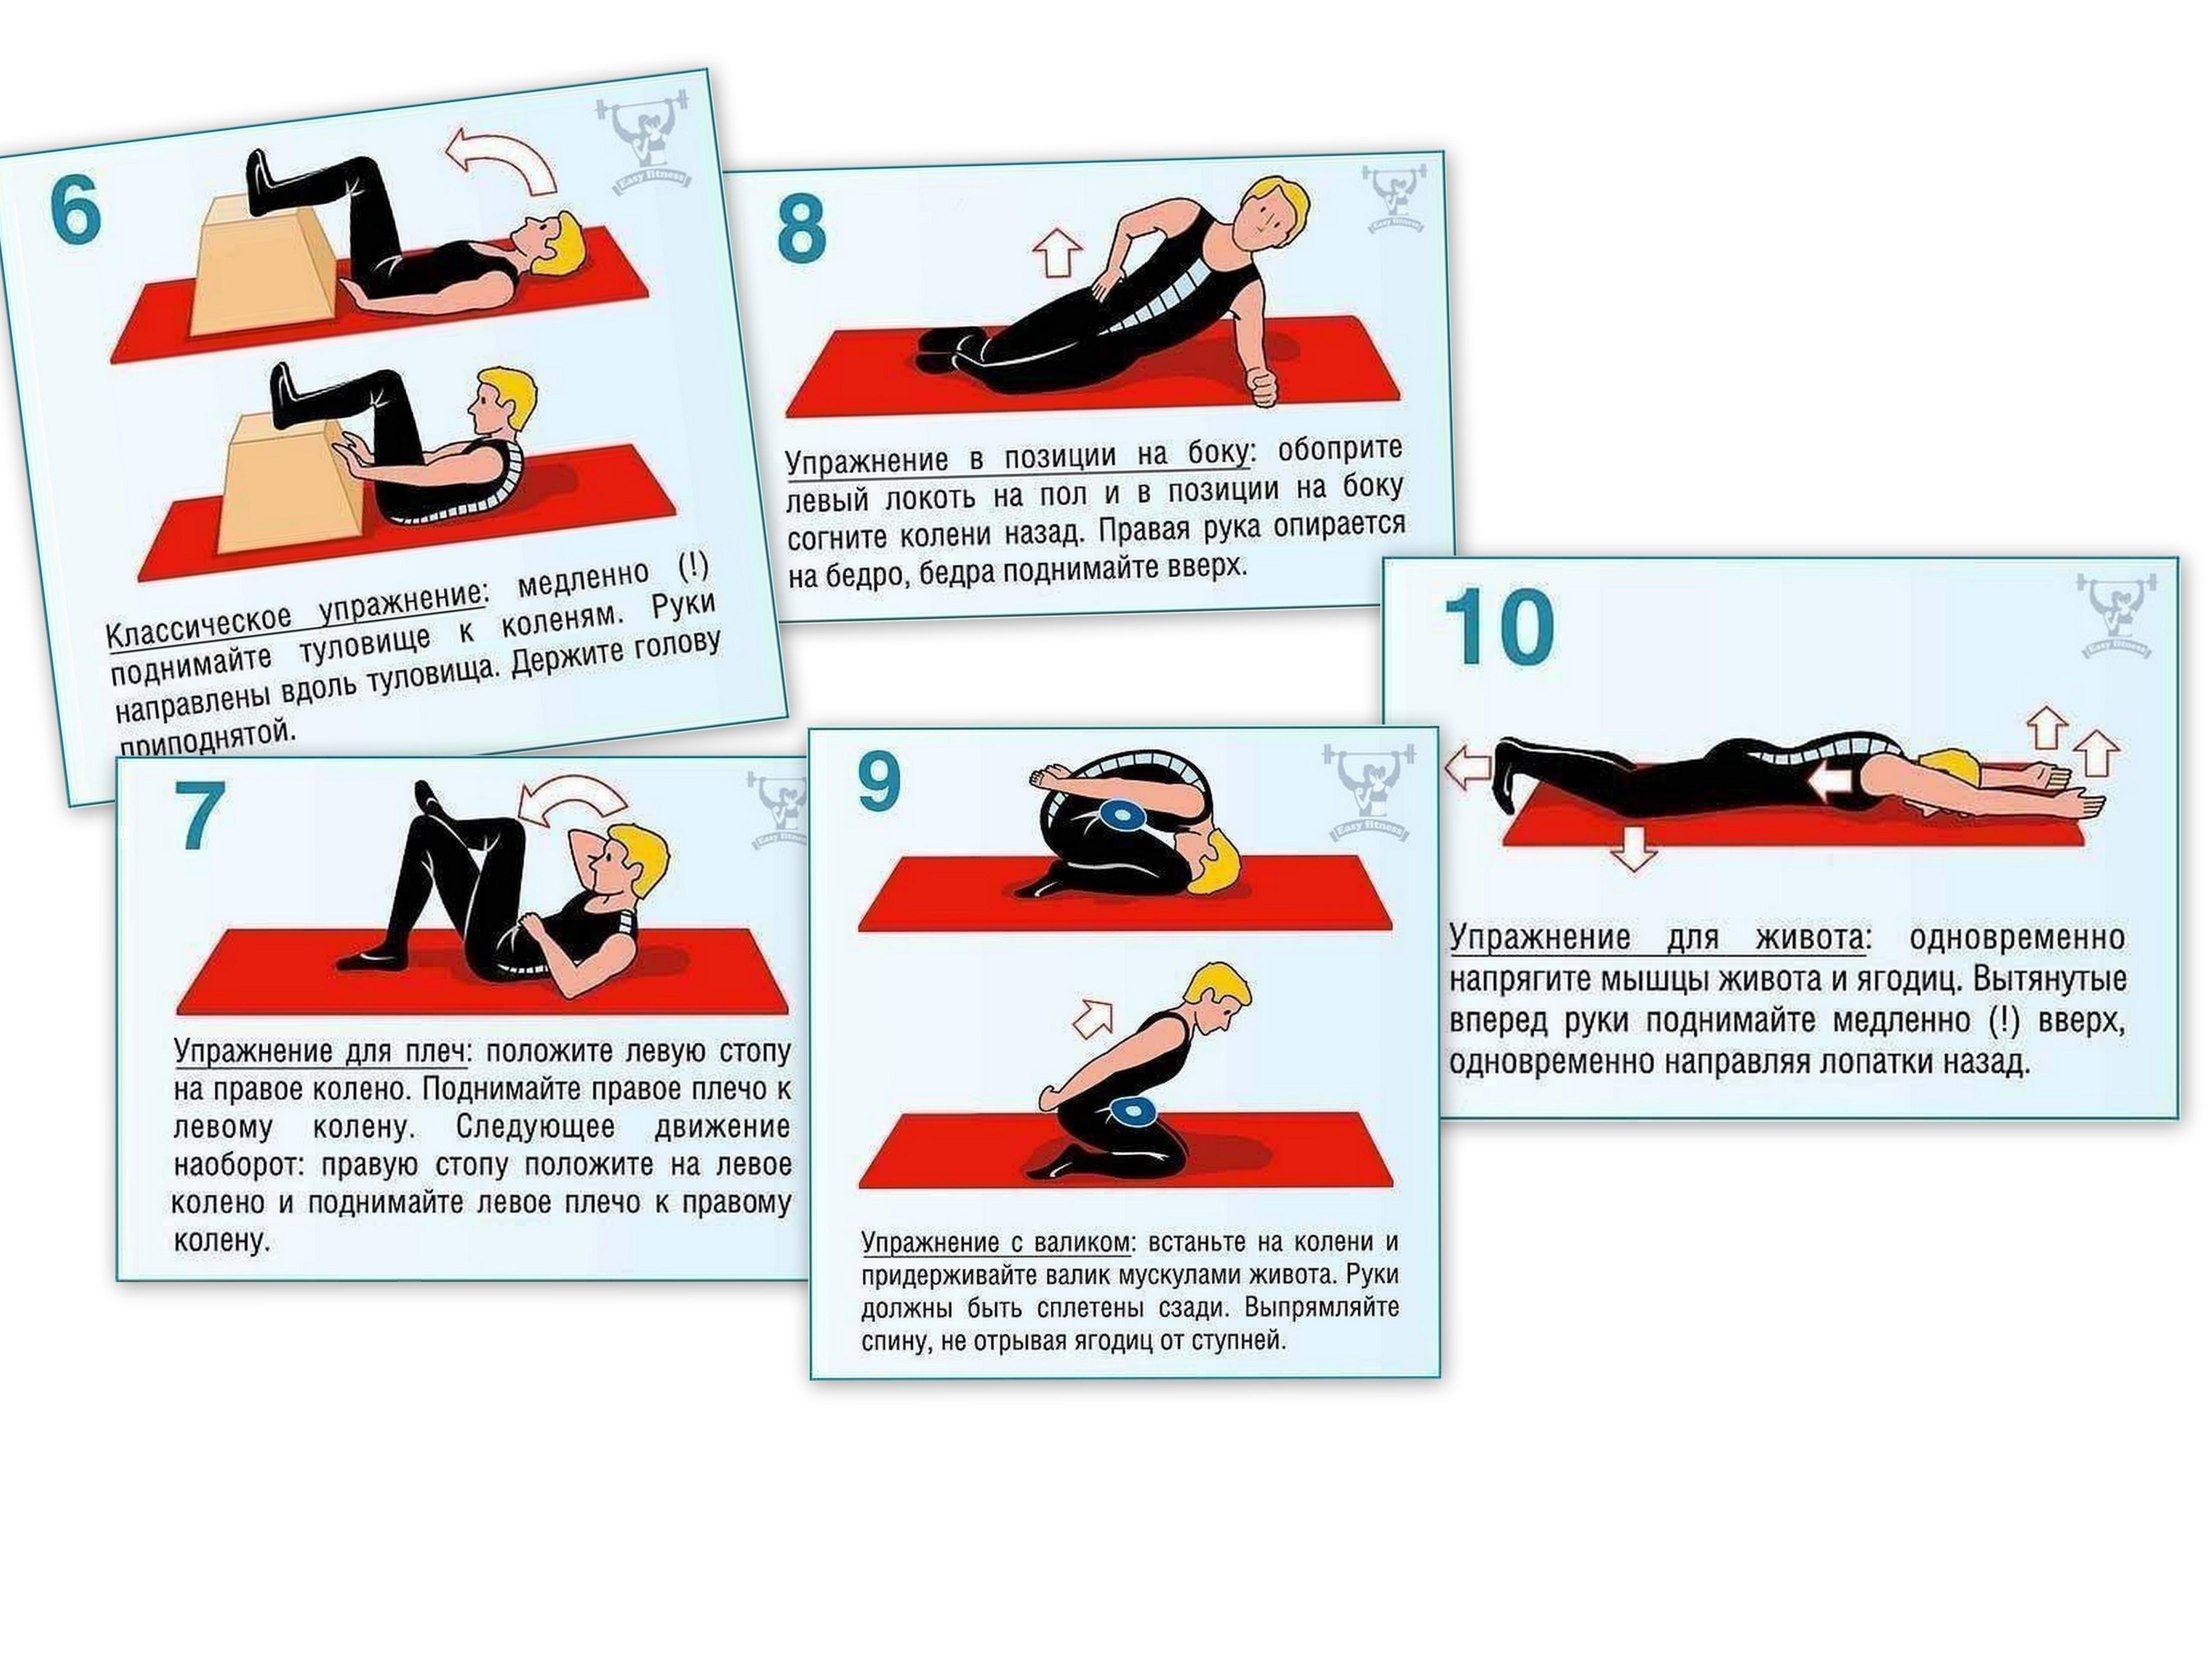 Упражнения для поясницы в домашних условиях: при боли и для укрепления мышц